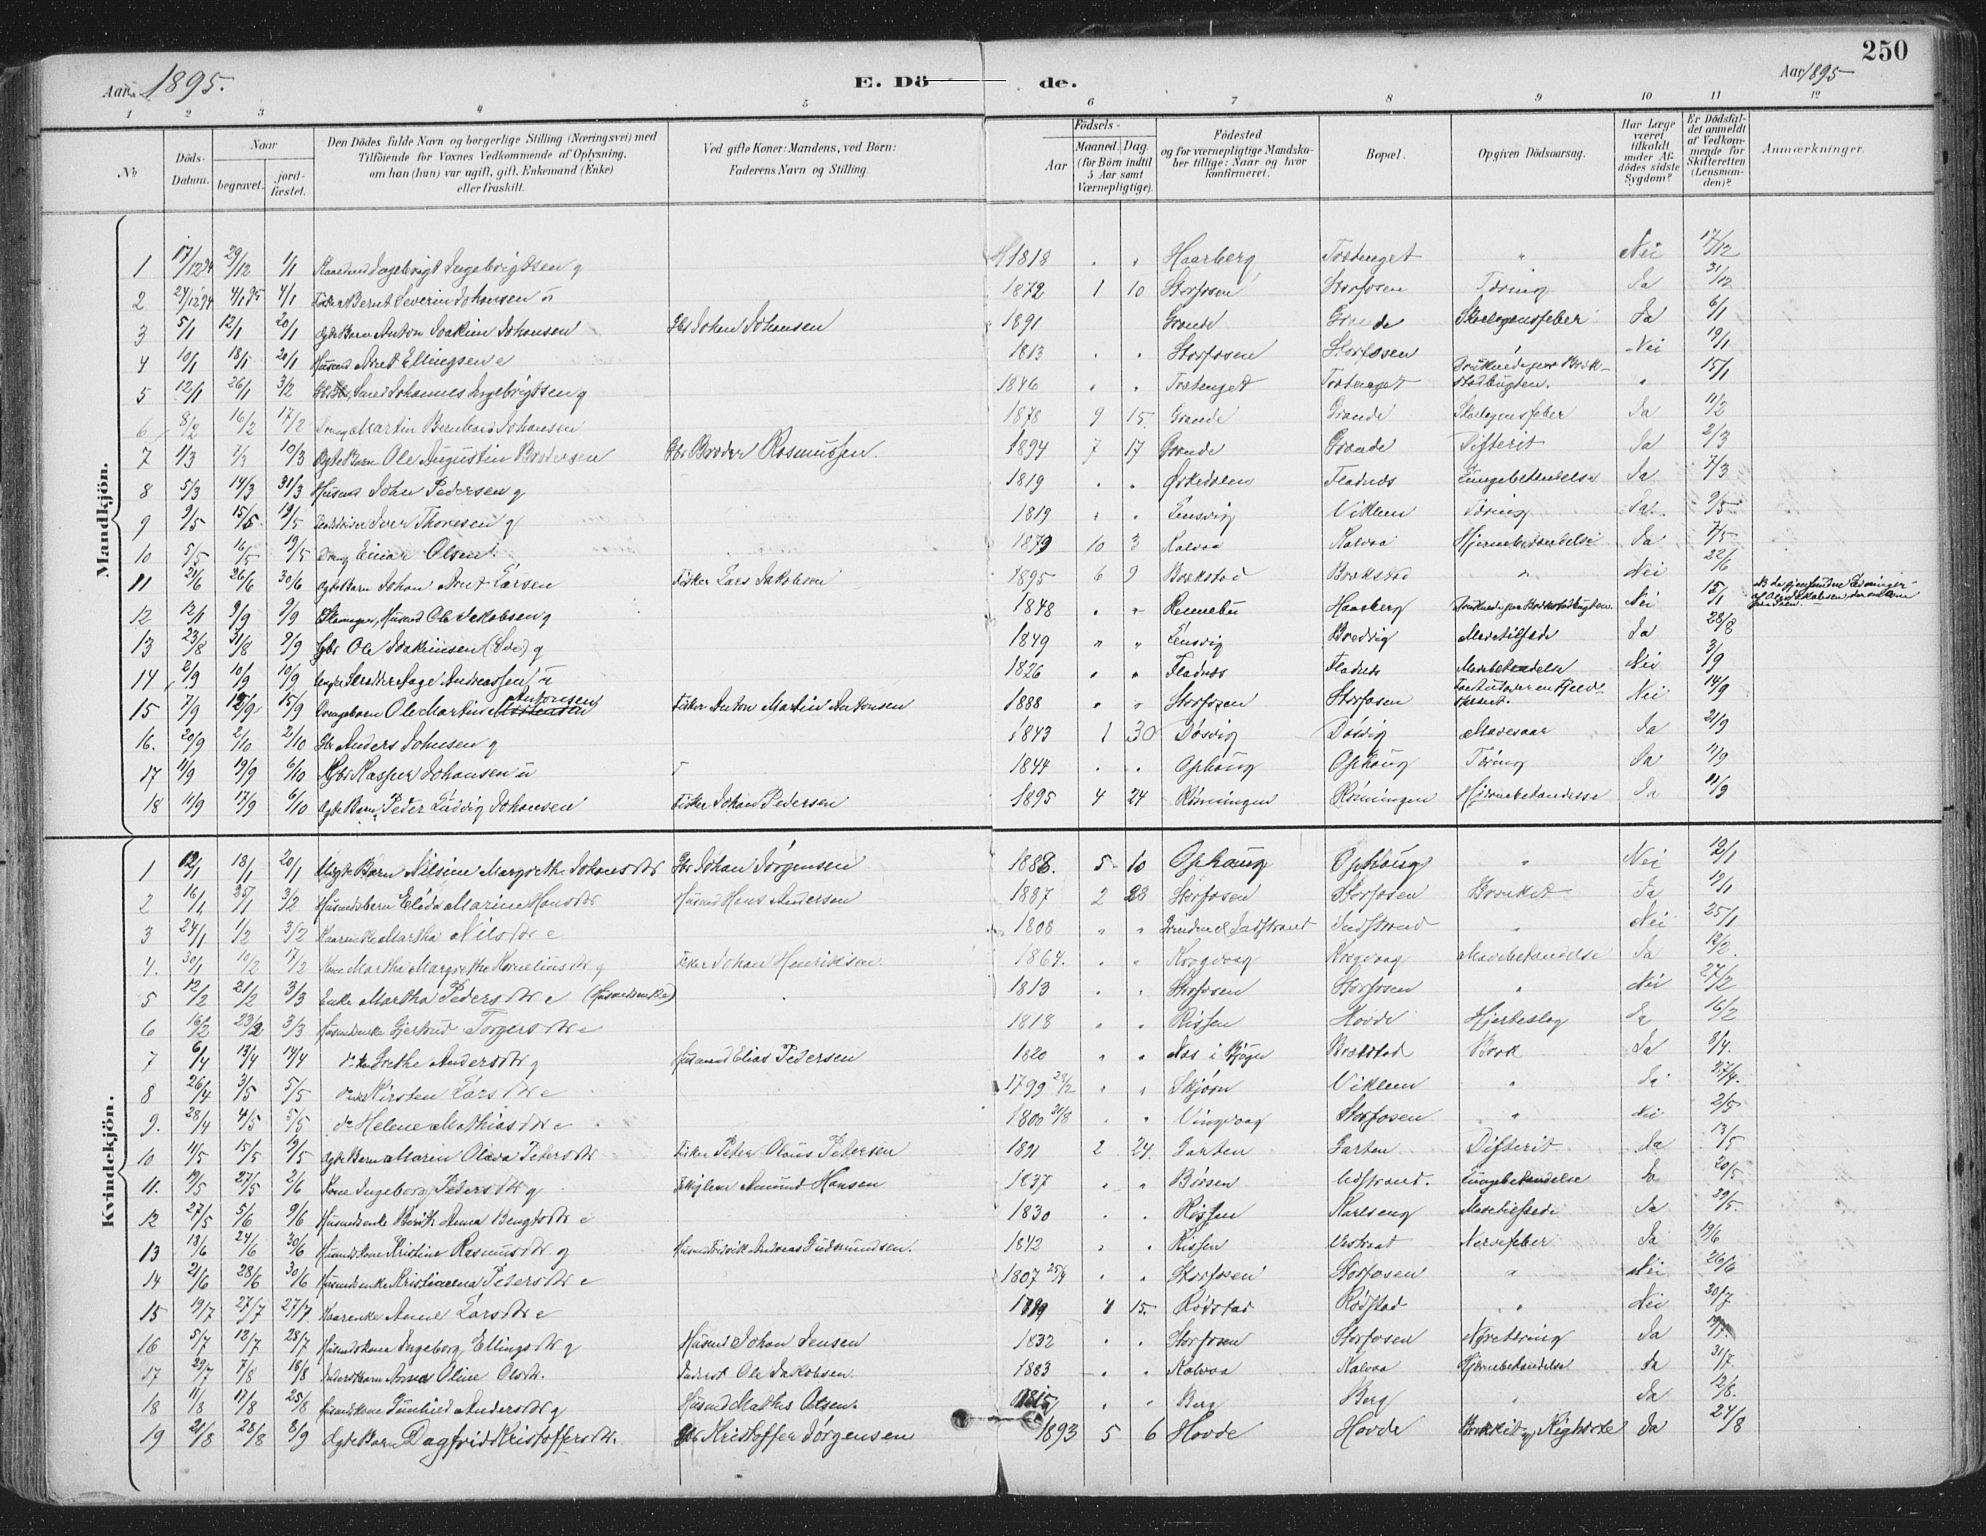 SAT, Ministerialprotokoller, klokkerbøker og fødselsregistre - Sør-Trøndelag, 659/L0743: Ministerialbok nr. 659A13, 1893-1910, s. 250